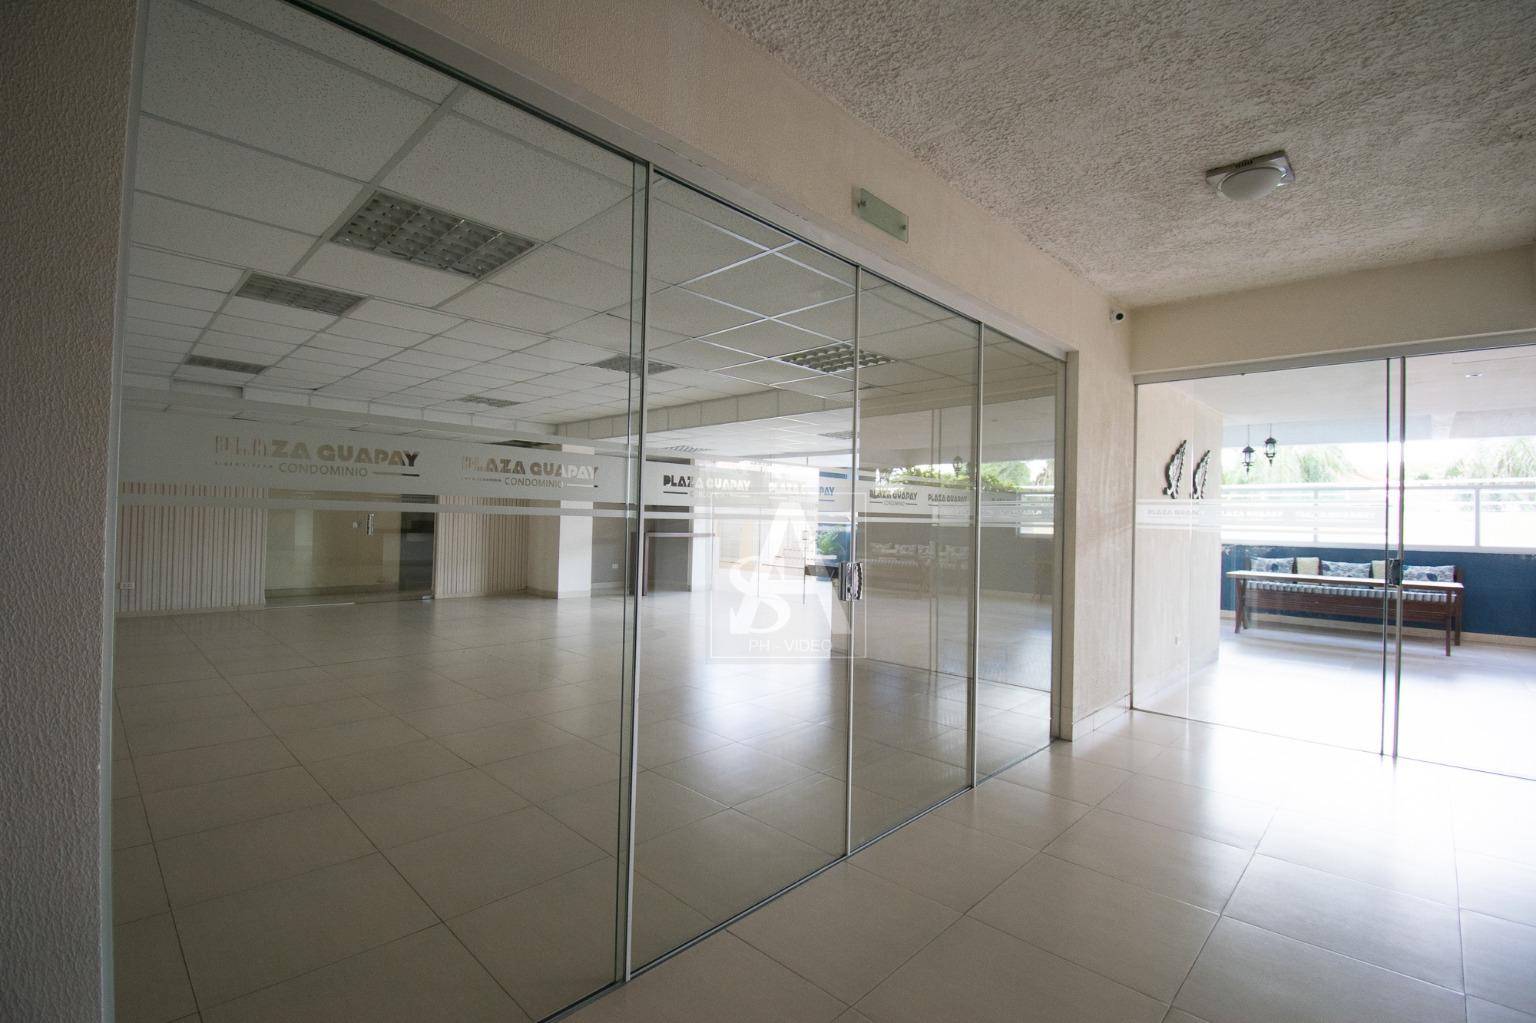 Departamento en Venta DEPARTAMENTO EN VENTA - CONDOMINIO PLAZA GUAPAY - 166.60 m². - AV. GUAPAY Foto 25